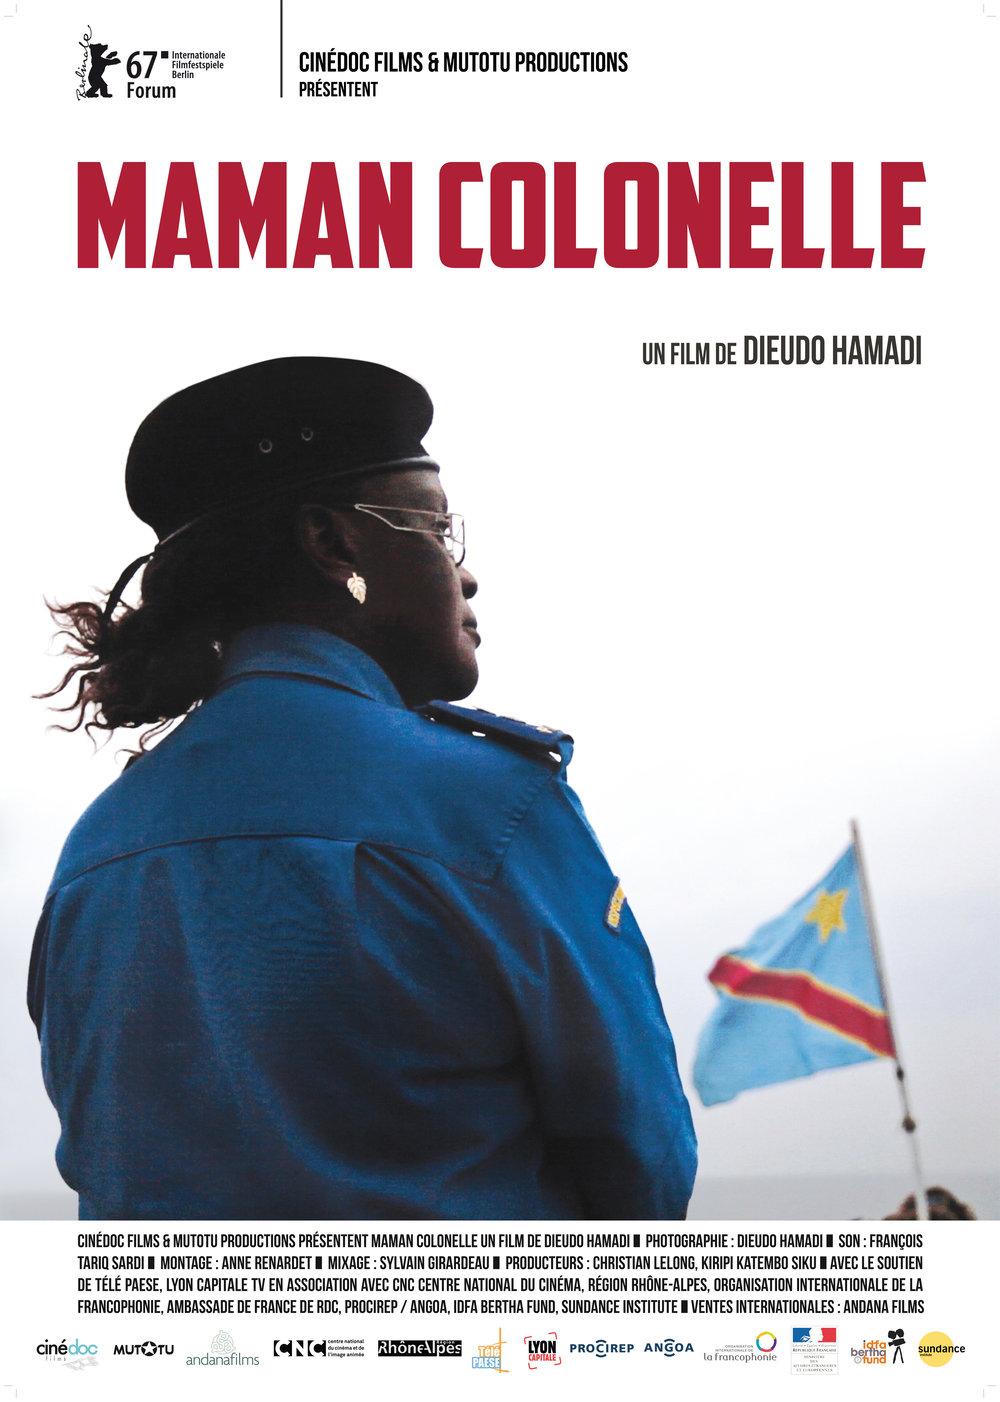 妈妈上校    欧诺瑞上校在刚果警方工作,负责儿童保护和打击性暴力。在刚果(金)东部的布卡伍工作了15年后,她得知她将被调往基桑加尼工作。在那里她面临着新的挑战……  阅读更多